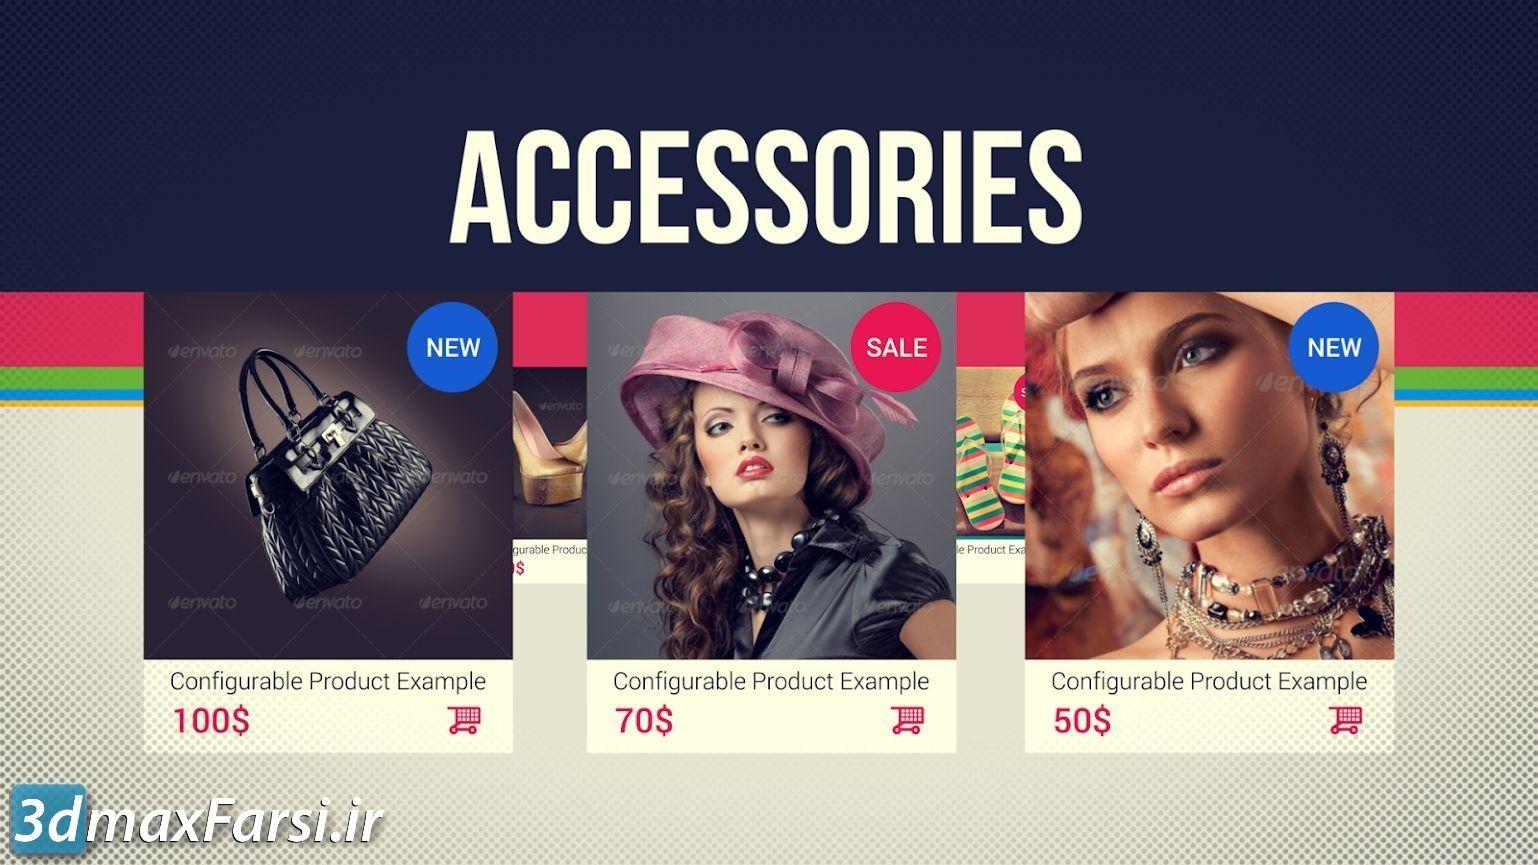 ویدیو تبلیغاتی معرفی فروشگاه اینترنتی Online Store Promo